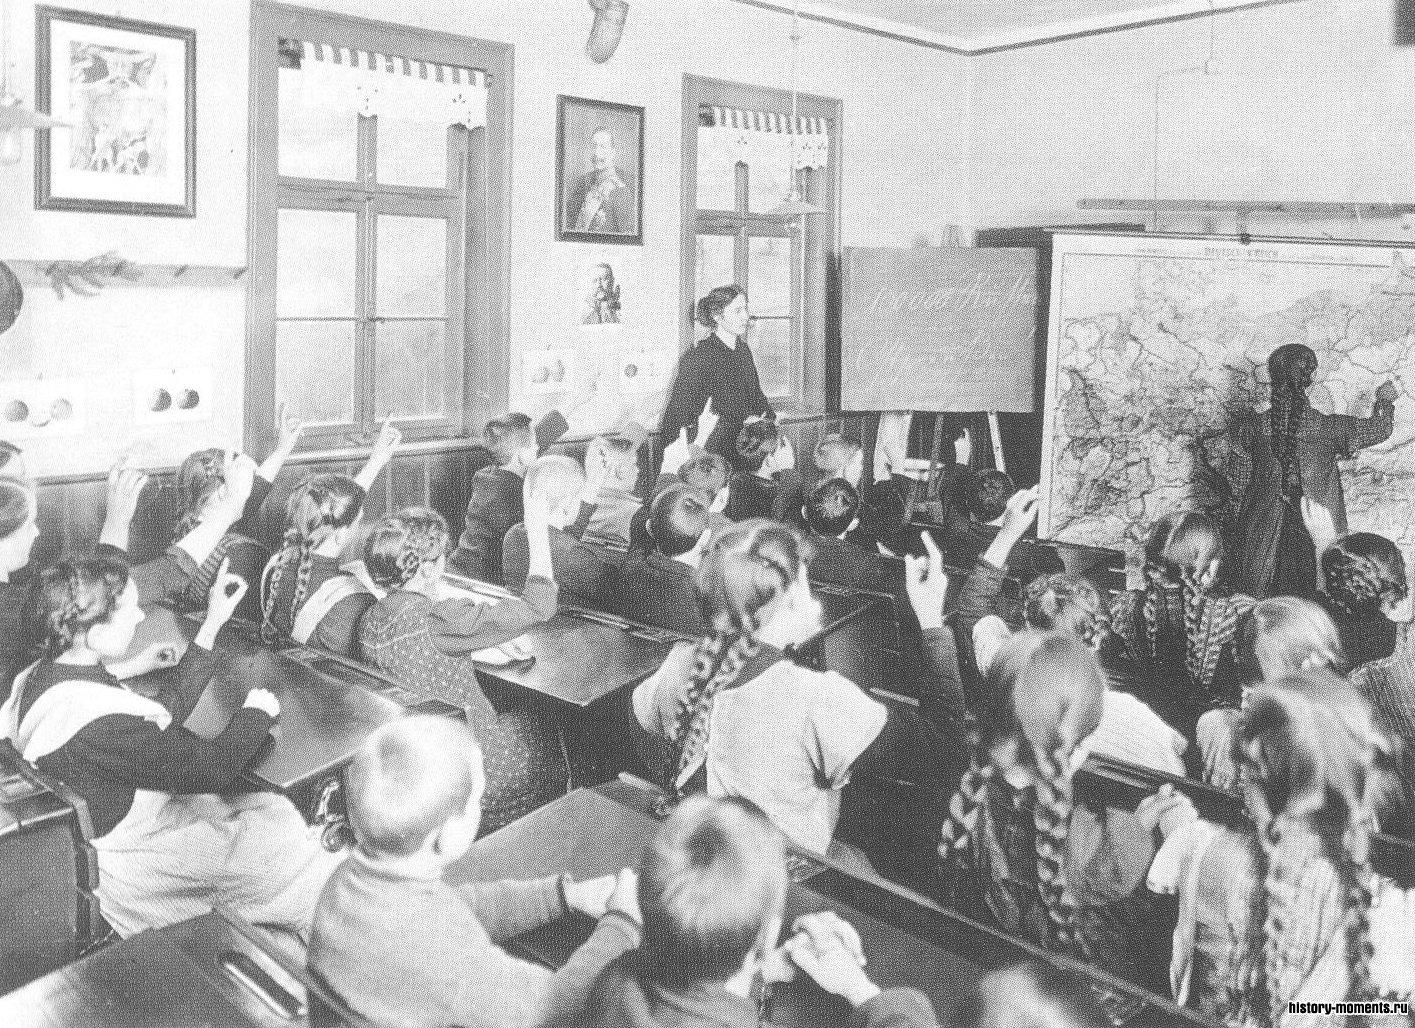 Урок истории в начале Первой мировой войны. Портрет кайзера Вильгельма II смотрит со стены на берлинских школьников, которые смогли воспользоваться благами самой ранней в мире системы государственного школьного образования.